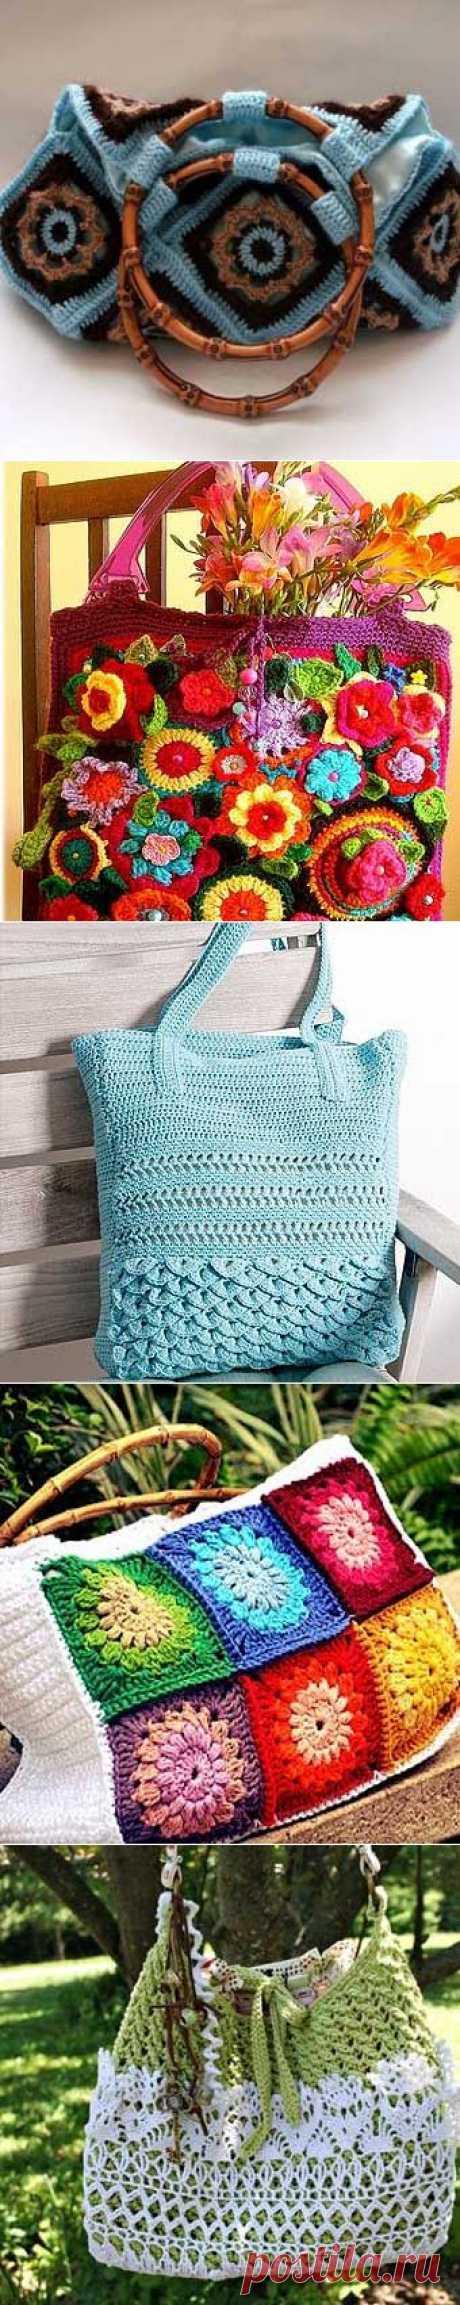 Вязаные сумки своими руками: 30 красивых идей   Домохозяйки